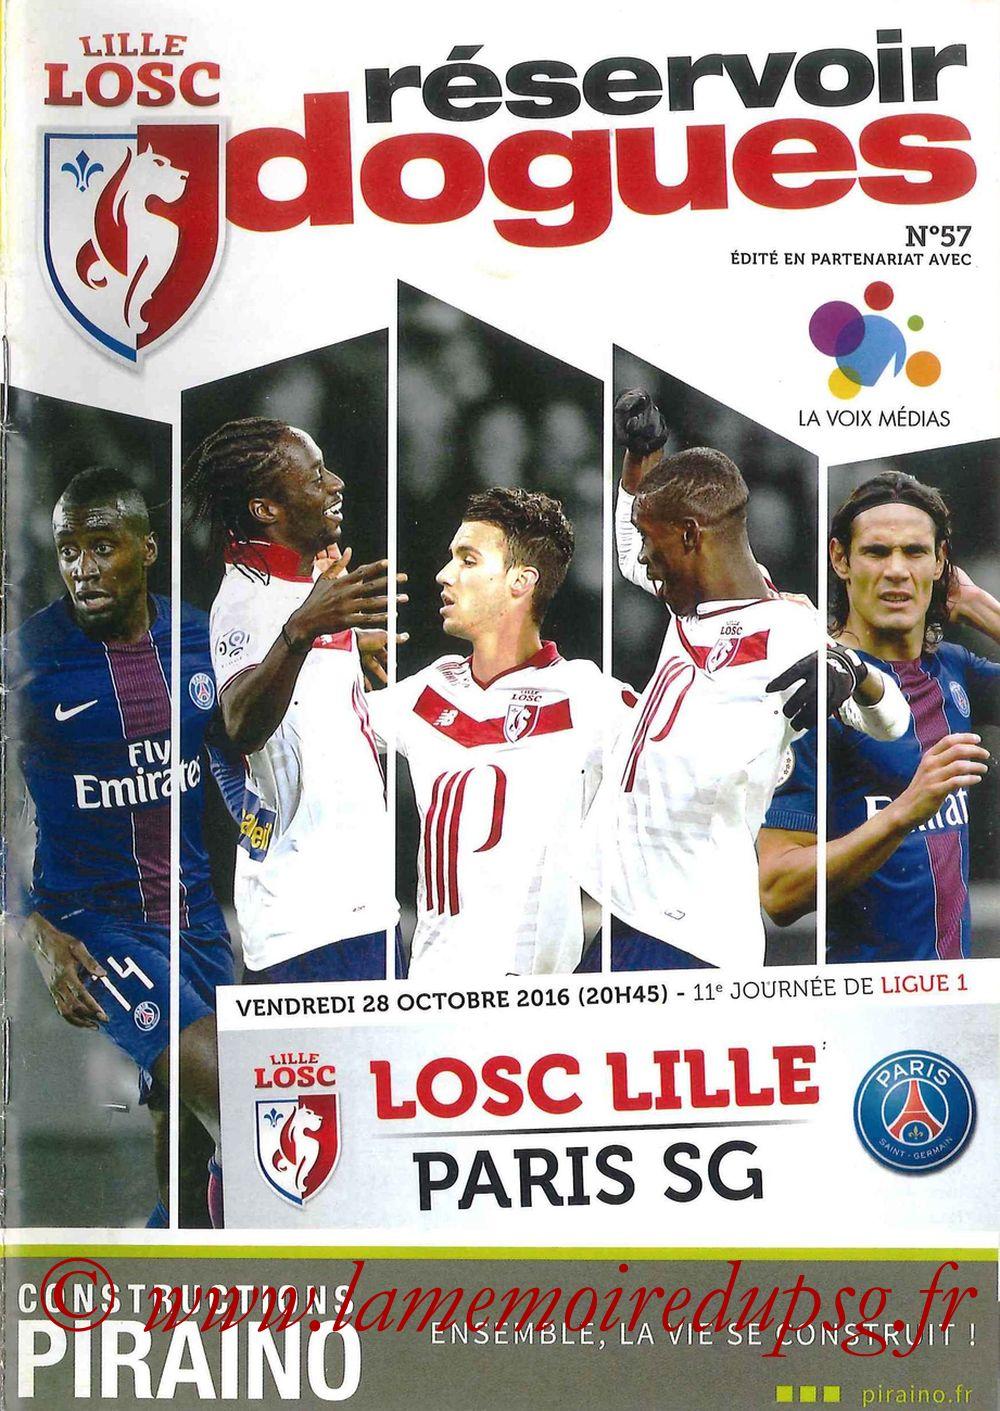 2016-10-28  Lille-PSG (11ème L1, Réservoir Dogues N°57)